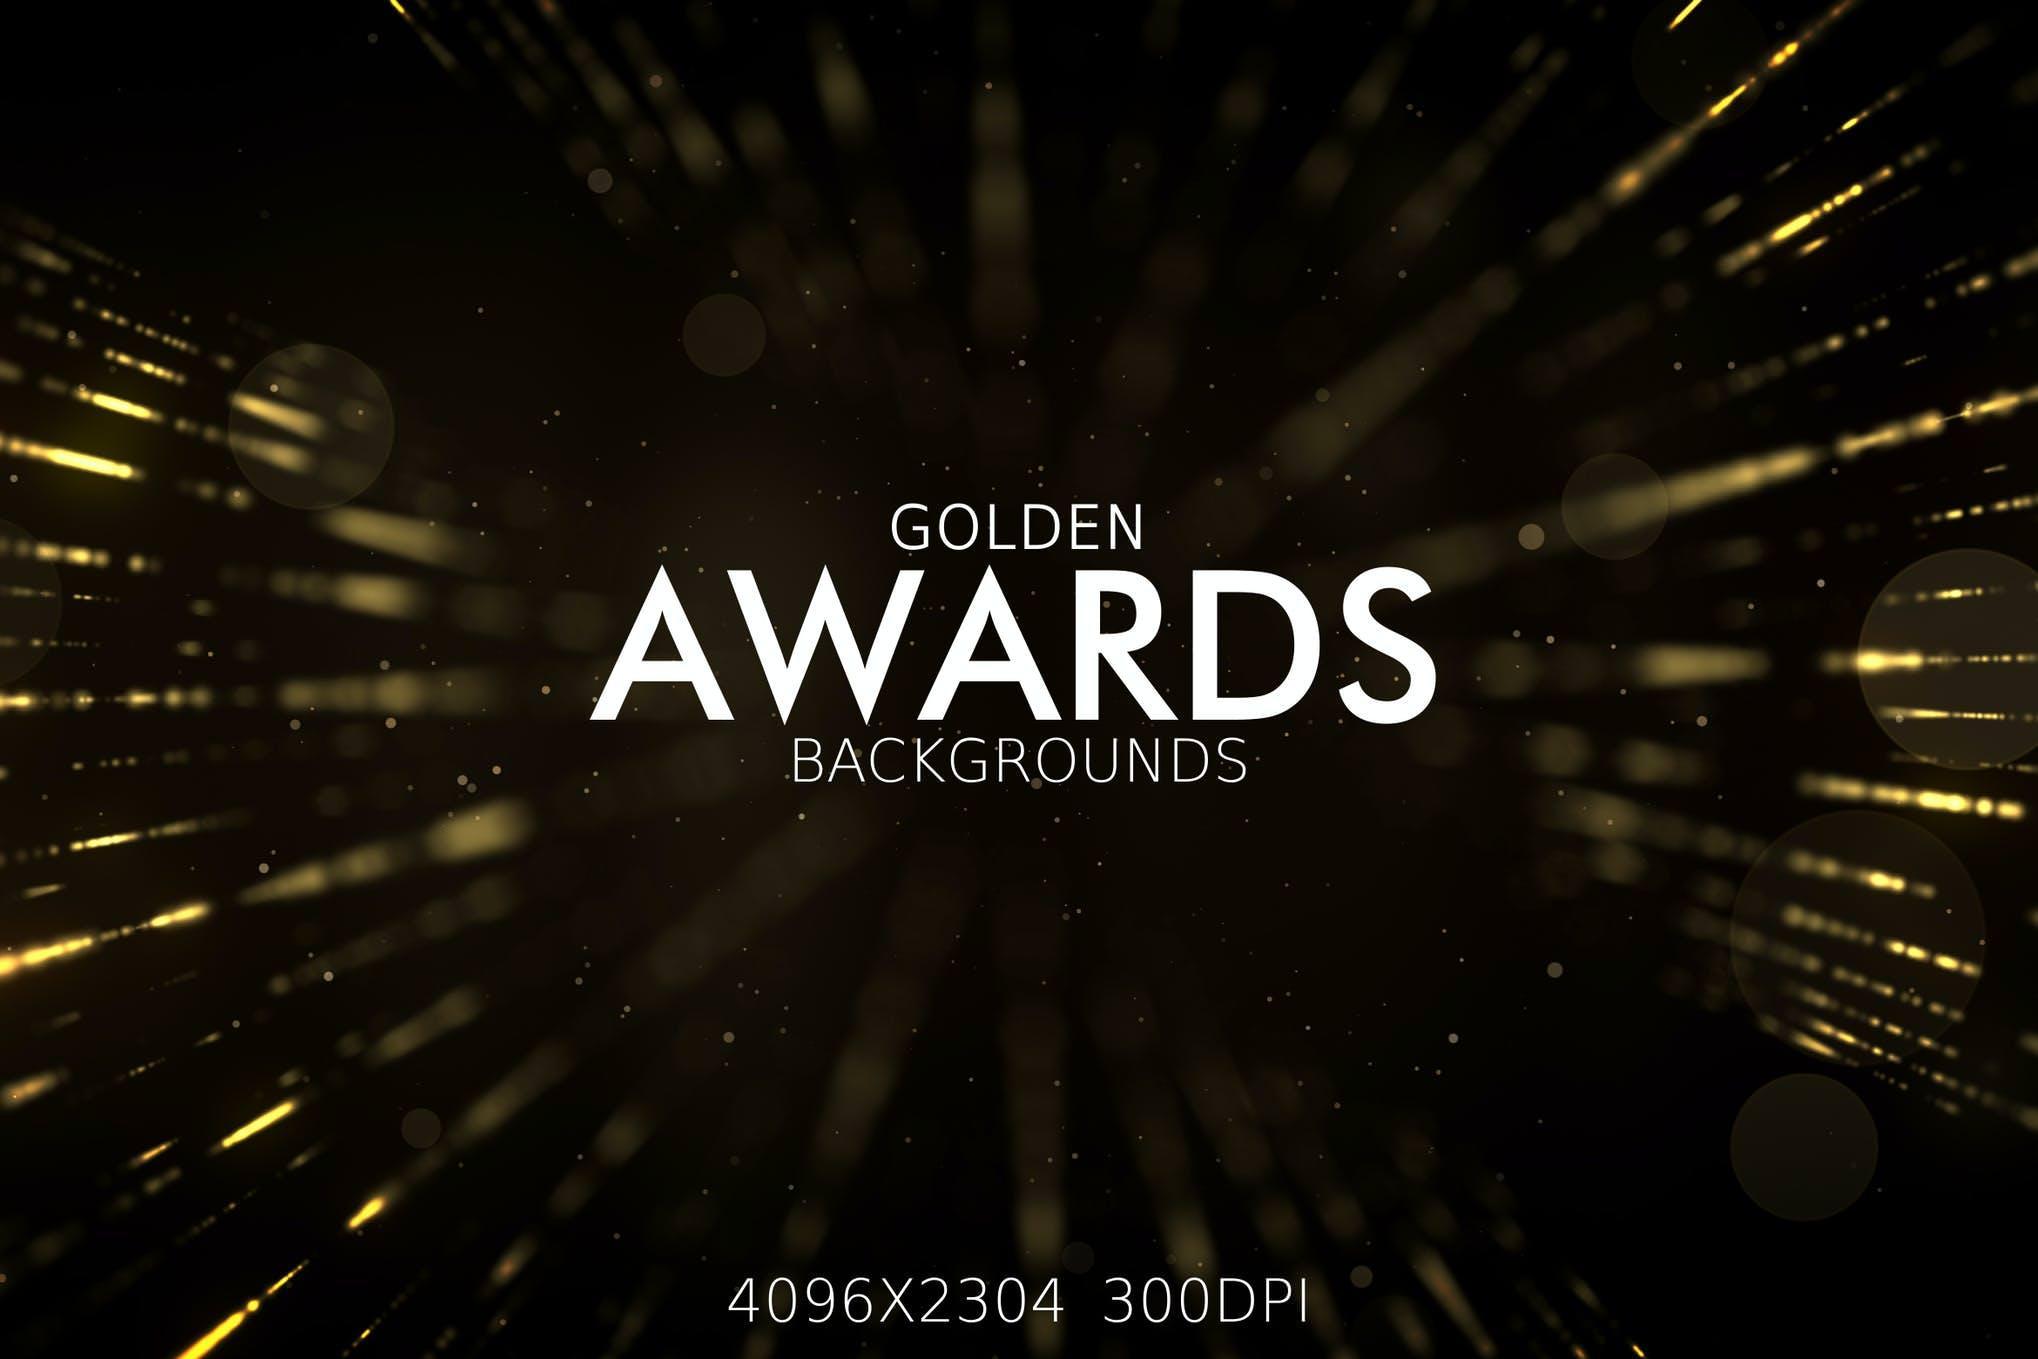 7种金色颁奖粒子效果纹理背景